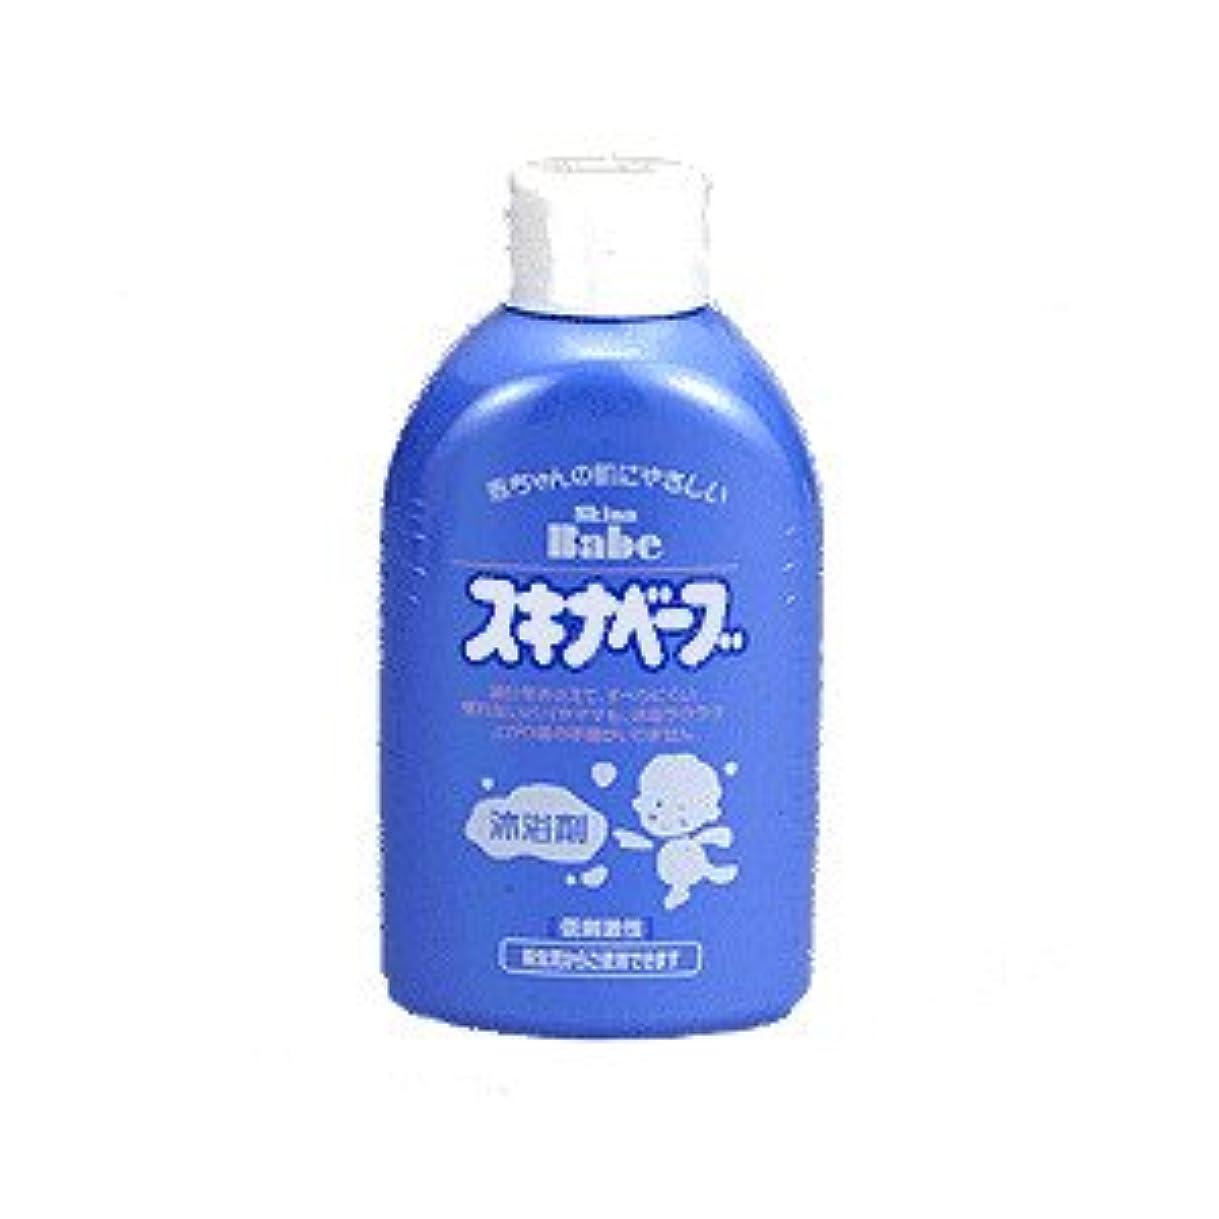 海峡ひも動作論争(持田ヘルスケア)スキナベーブ 500ml(入浴剤)(医薬部外品)(お買い得3個セット)